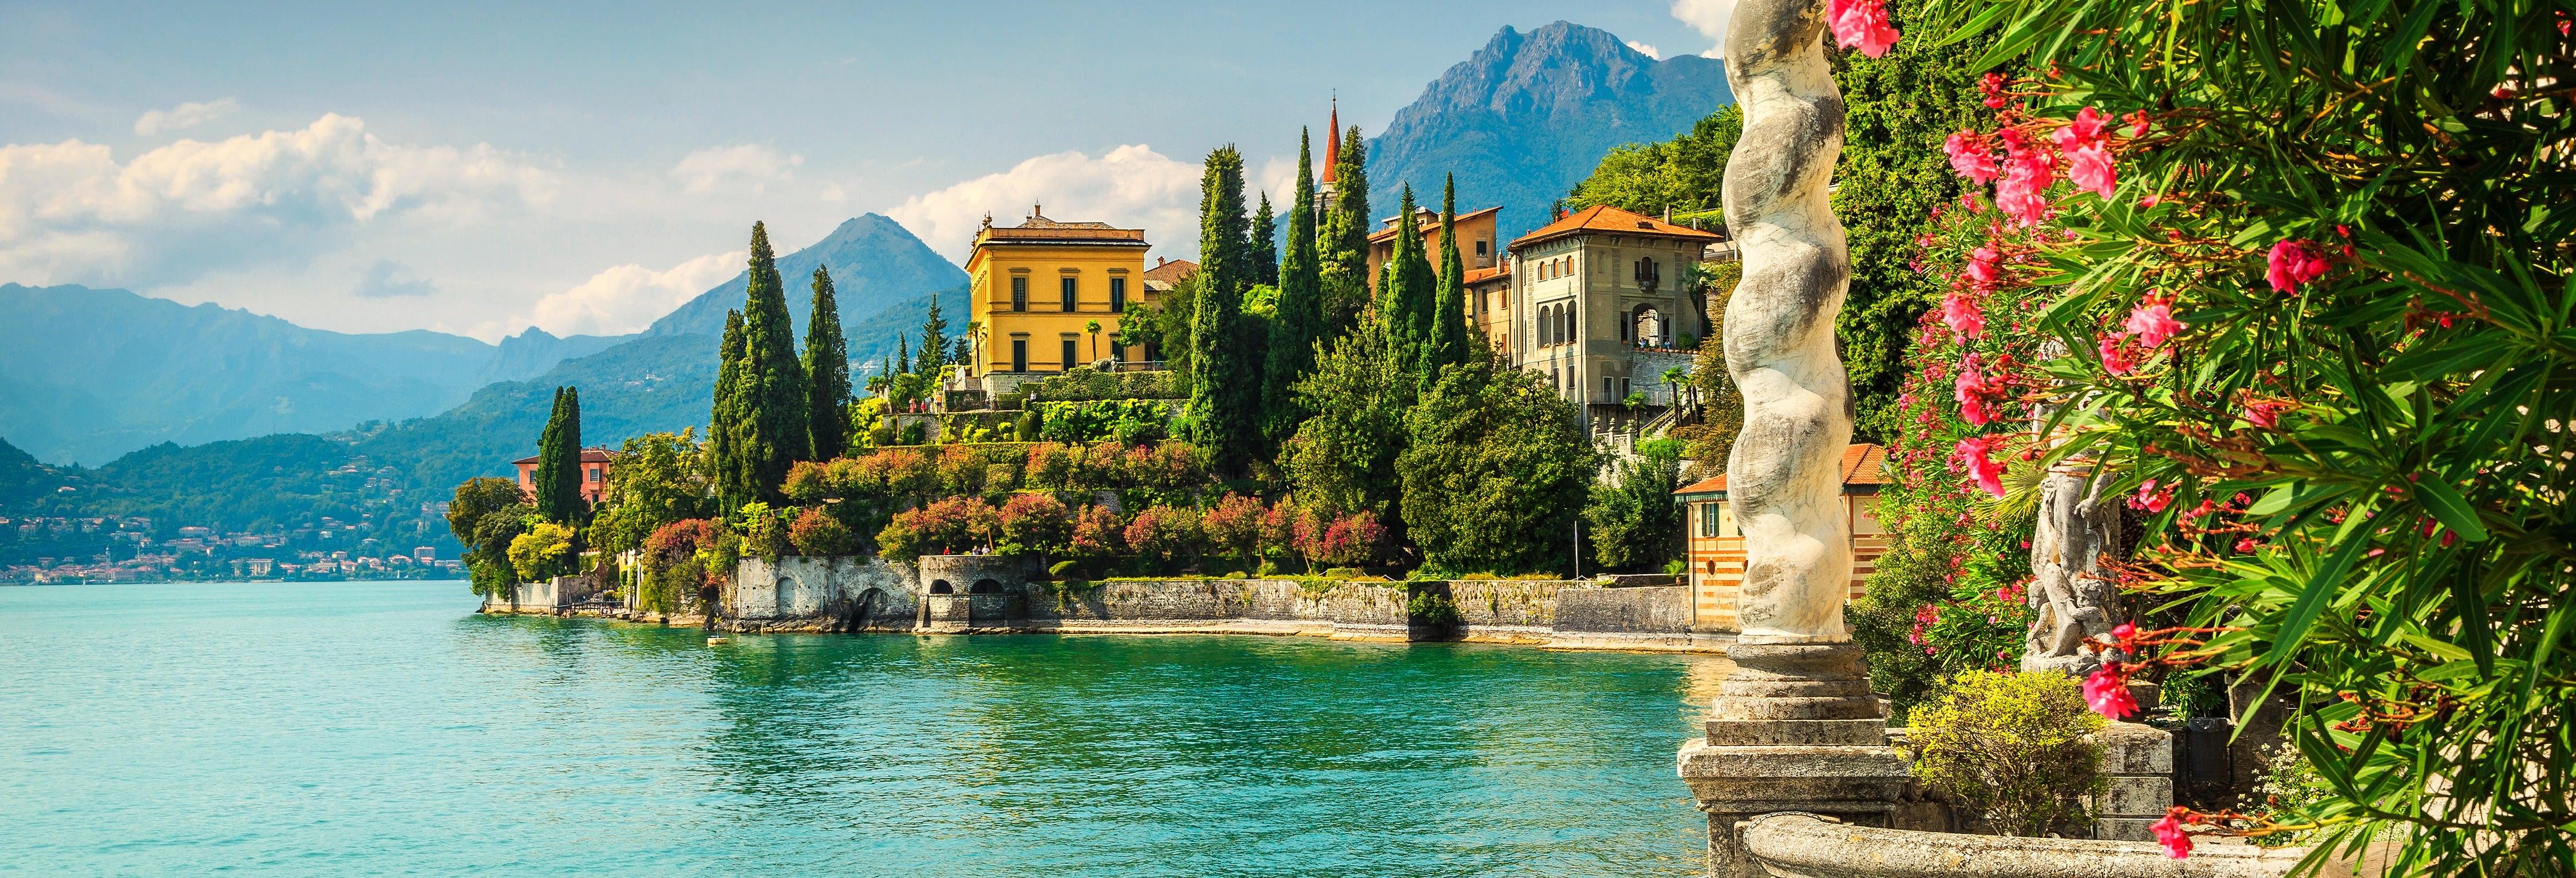 Excursión al Lago de Como